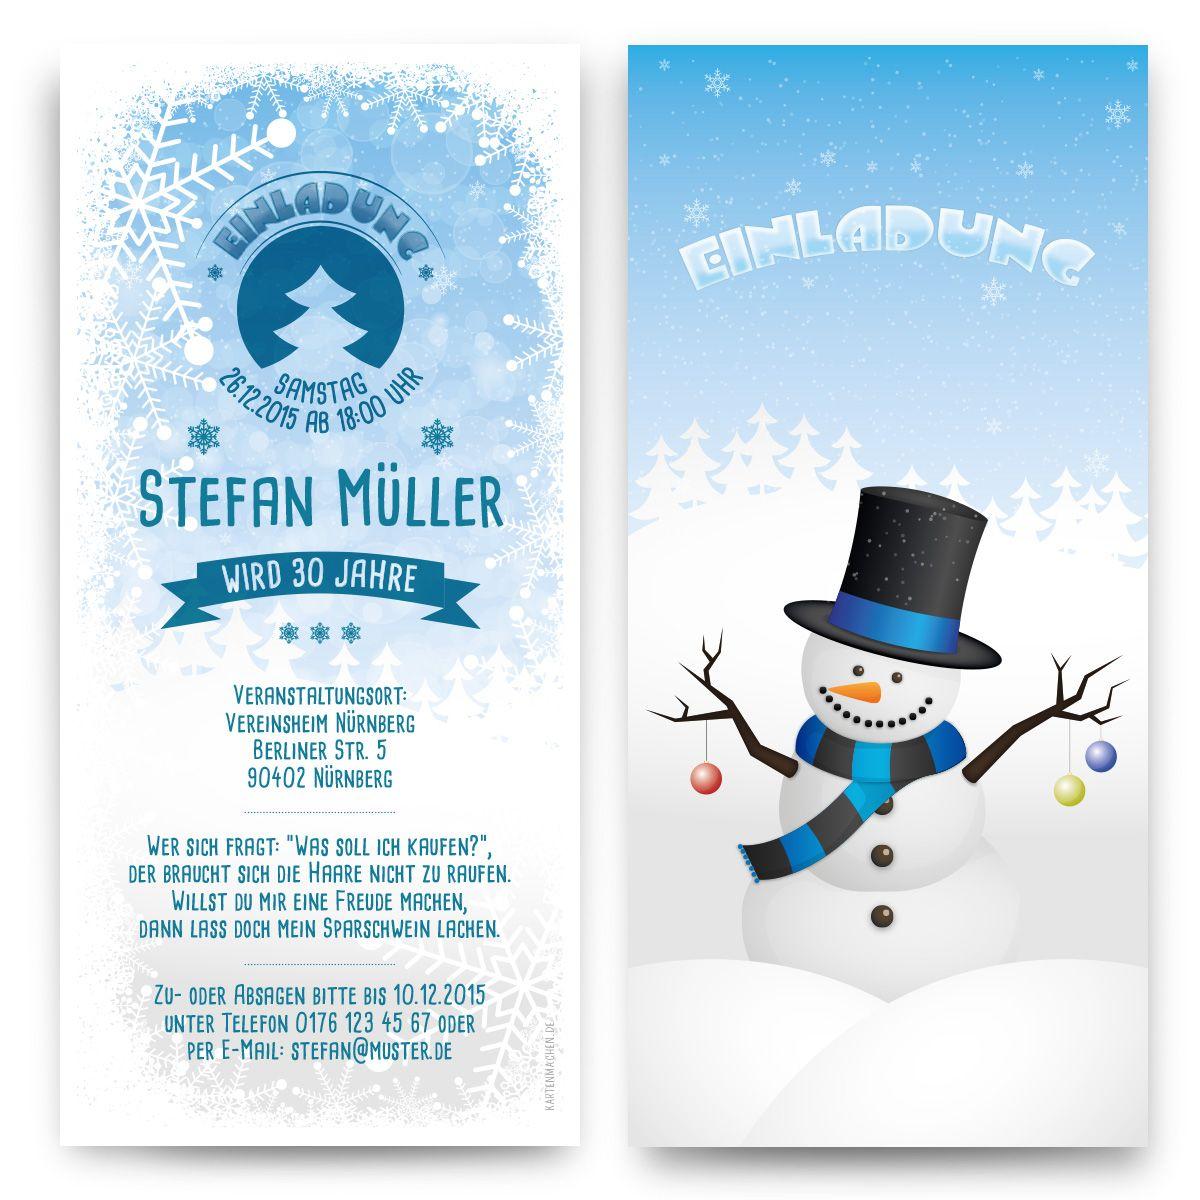 Einladungskarten Im Schneemann Motiv. #einladung #einladungskarten #party  #geburtstag #winter #silvester #newyear #neujahr #Weihnachten #Advent